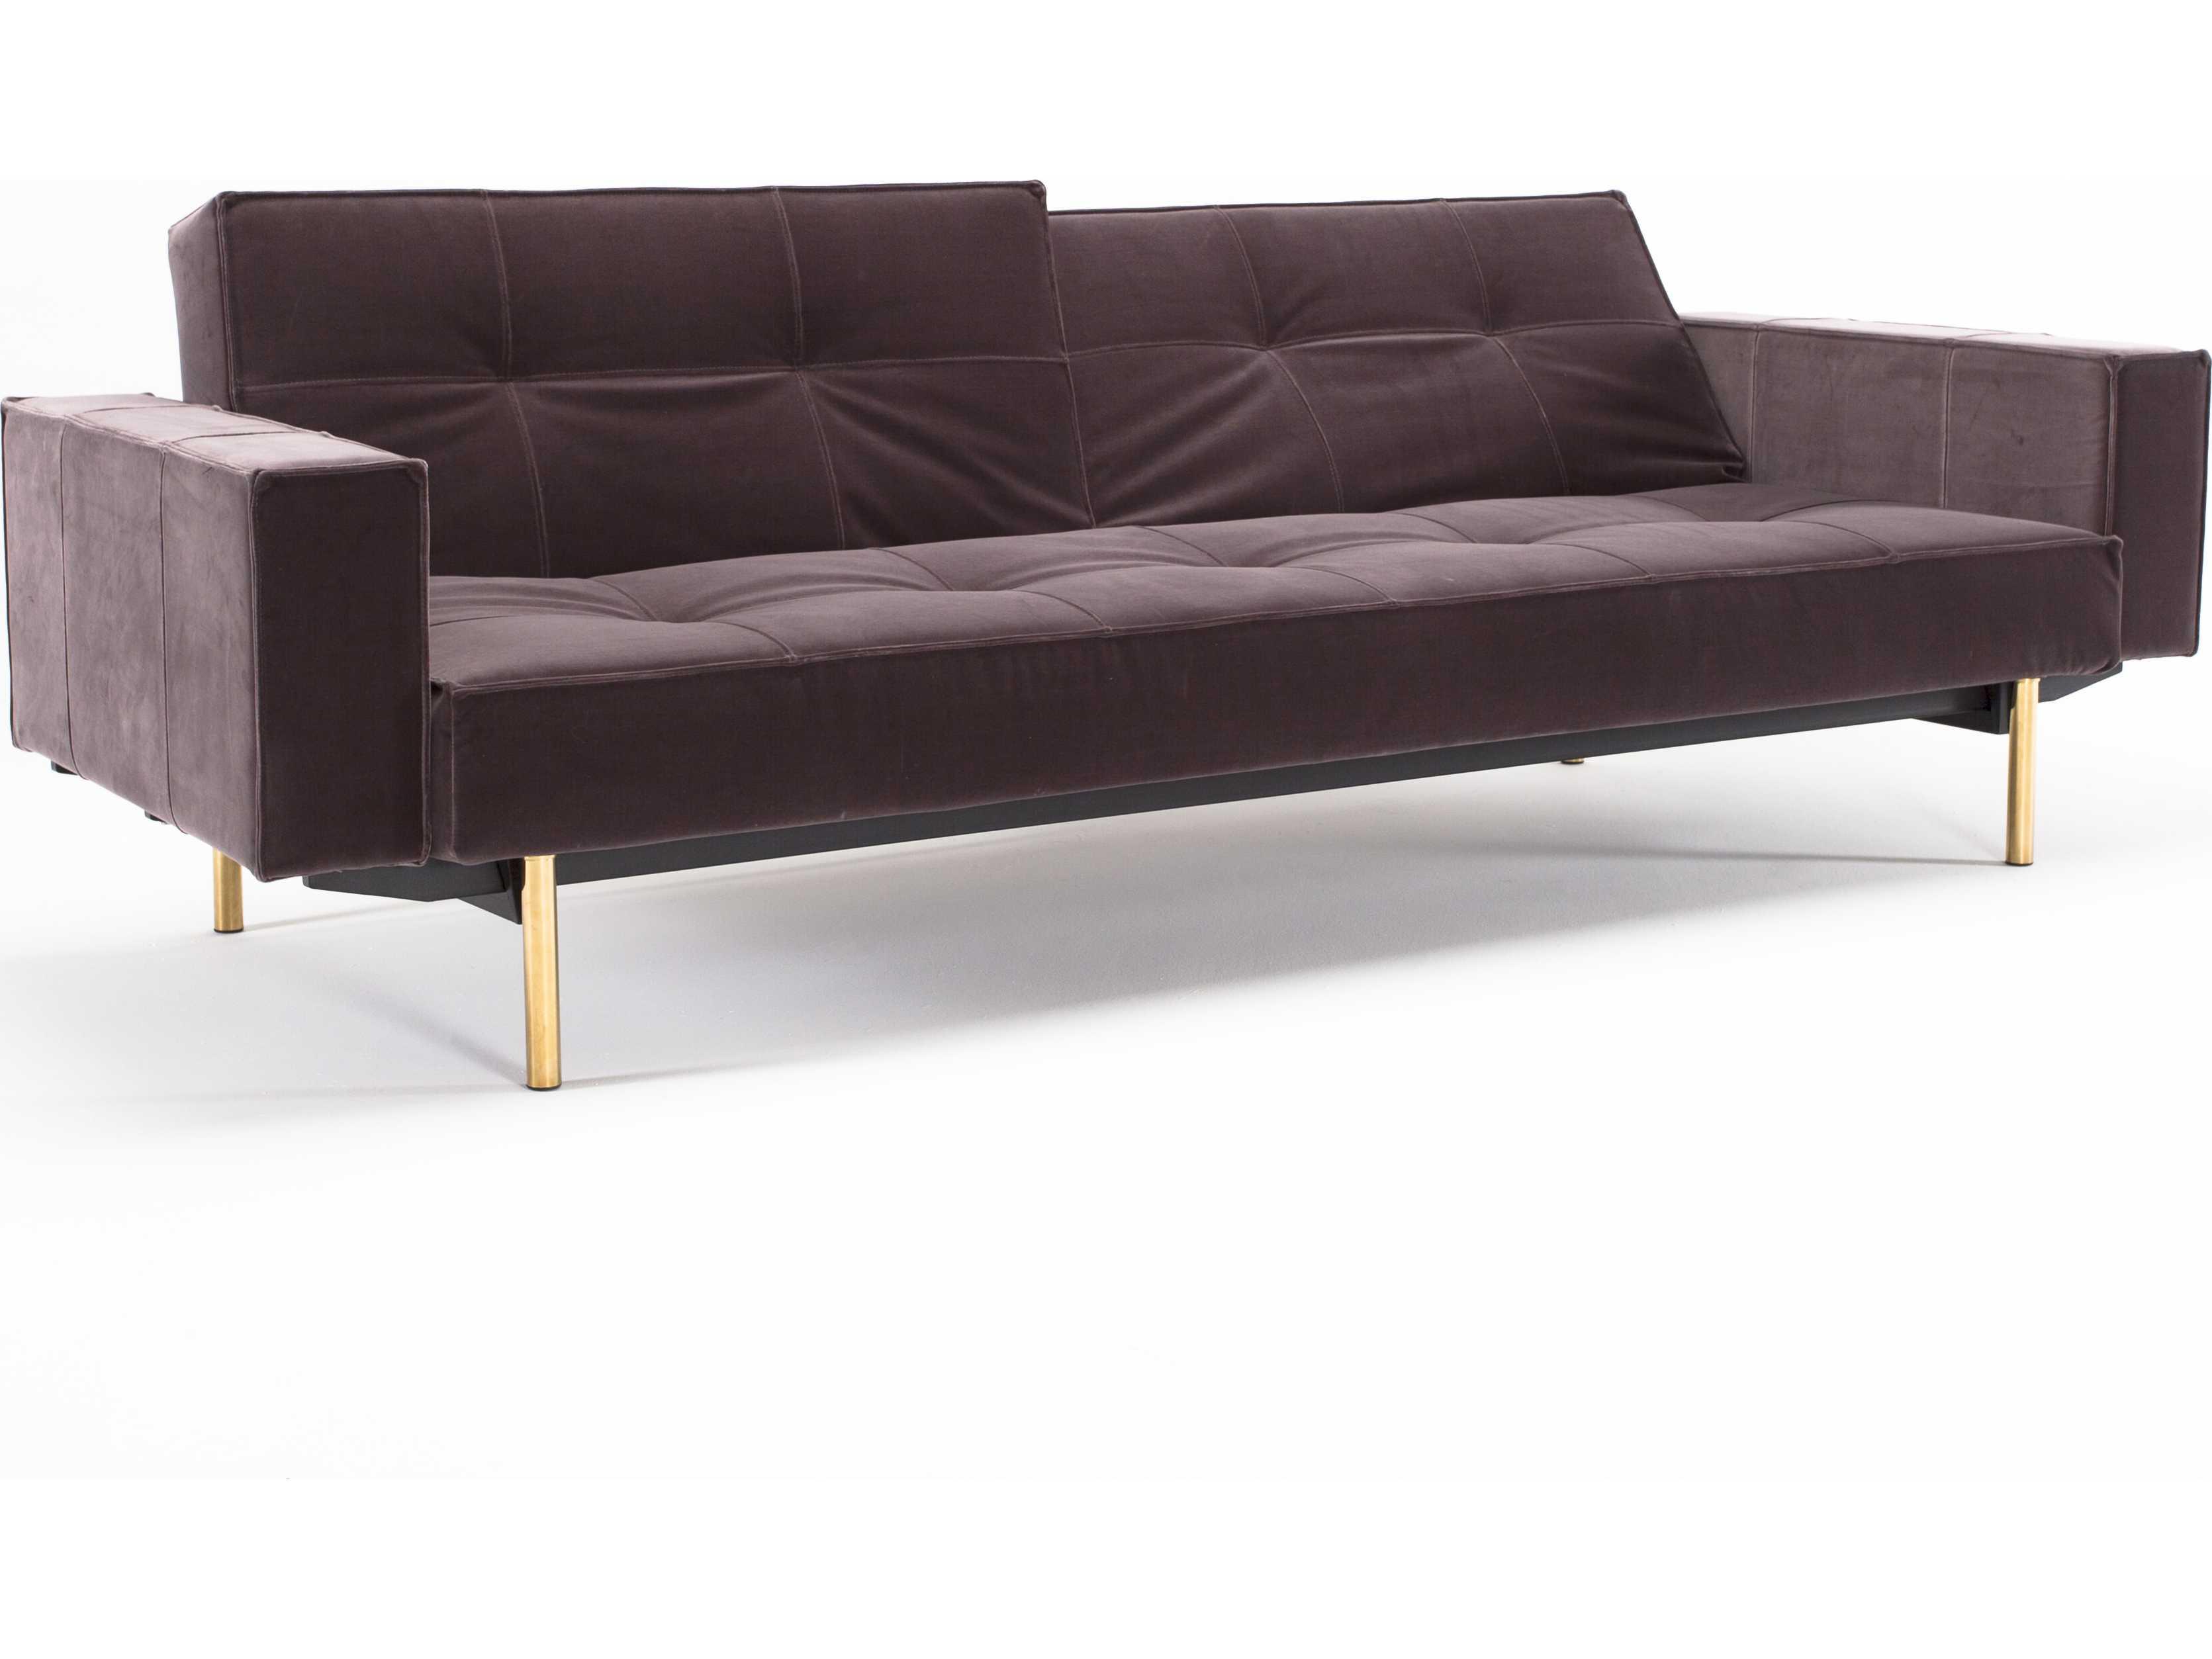 innovation split back brass leg sofa bed with arm. Black Bedroom Furniture Sets. Home Design Ideas